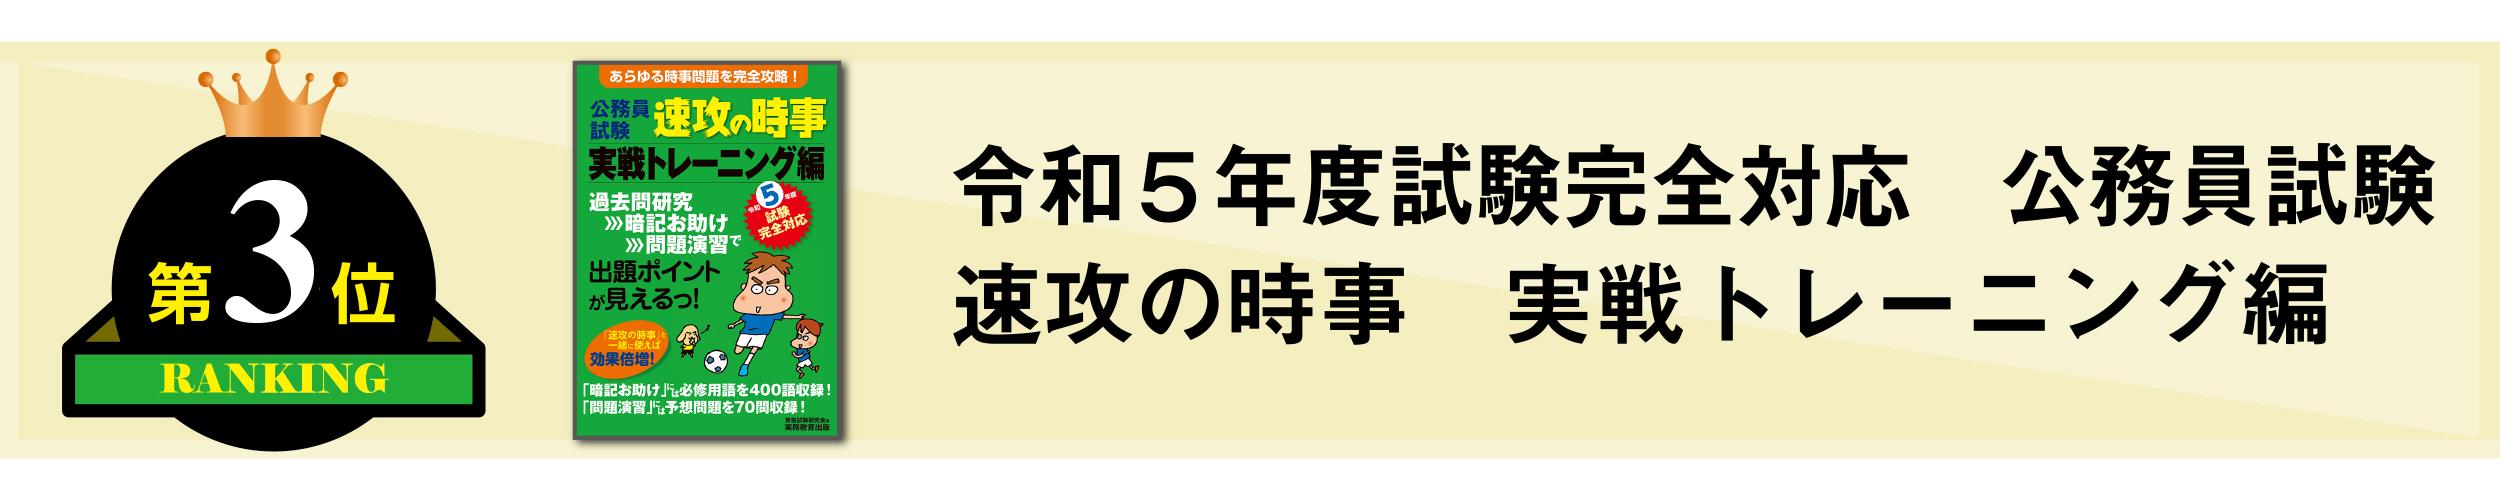 受験ジャーナル 29年度試験対応 Vol.3